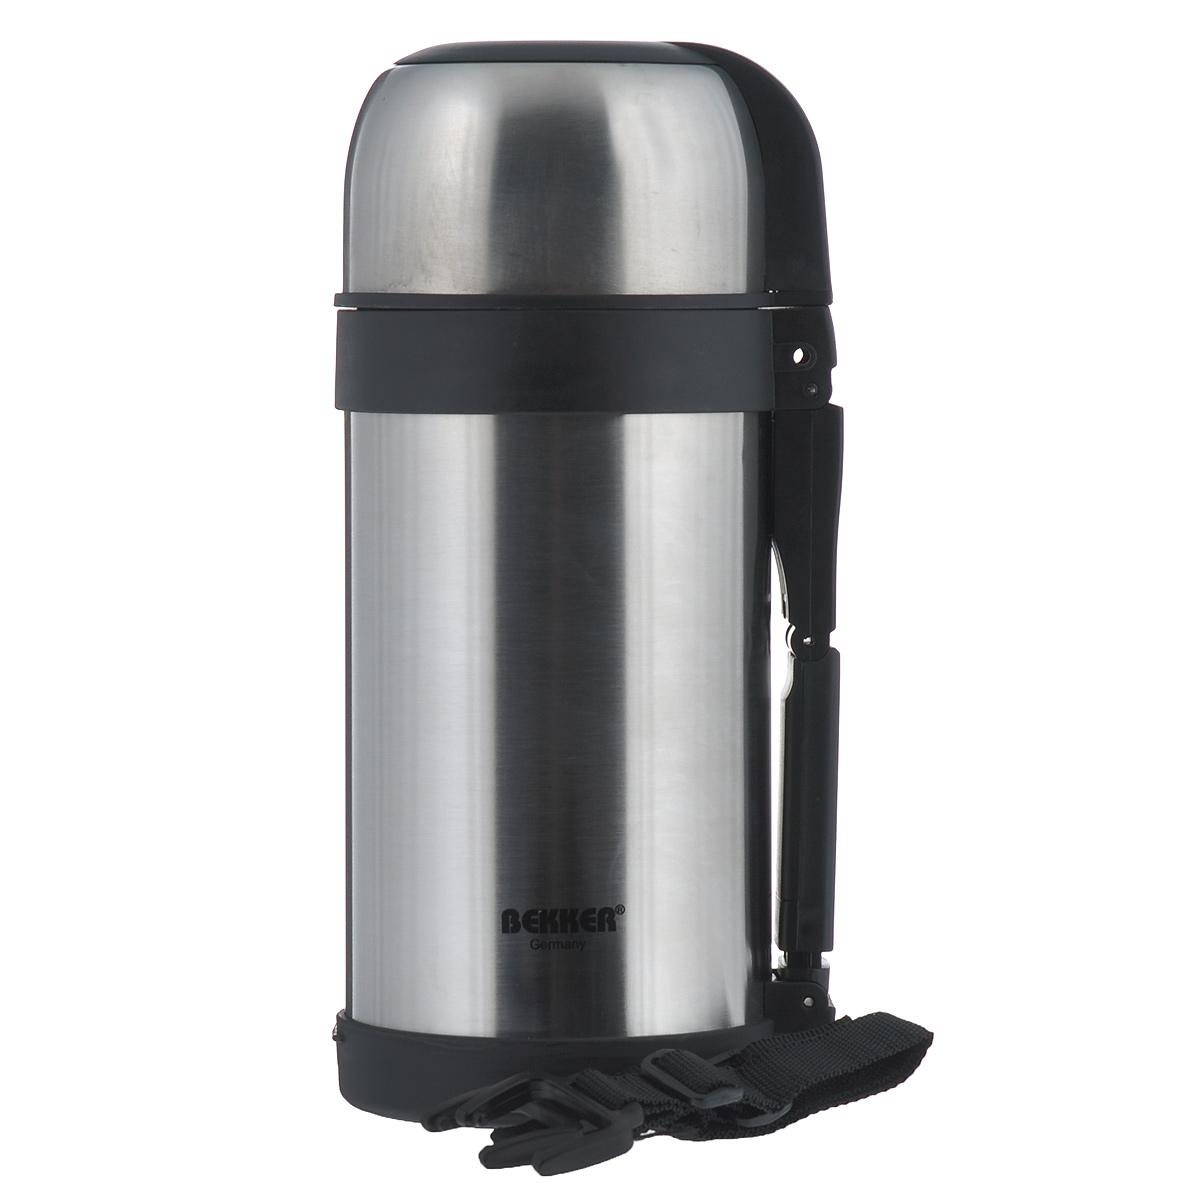 Термос Bekker с широким горлом, 1,2 лBK-77Термос с широким горлом Bekker, изготовленный из высококачественной нержавеющей стали 18/8. Двойные стенки обеспечивают долгое сохранение температуры напитка (6 часов - 75°С, 12 часов - 66°С, до 24 часов - 48°С). Подходит для напитков и для пищи. Благодаря вакуумной кнопке внутри создается абсолютная герметичность, что предотвращает проливание напитков. Крышка плотно закручивается. Верхнюю крышку можно использовать в качестве чаши для напитка. Имеется удобная ручка и съемный ремень. Стильный функциональный термос будет незаменим в дороге, на пикнике. Его можно взять с собой куда угодно, и вы всегда сможете наслаждаться горячим домашним напитком или пищей.